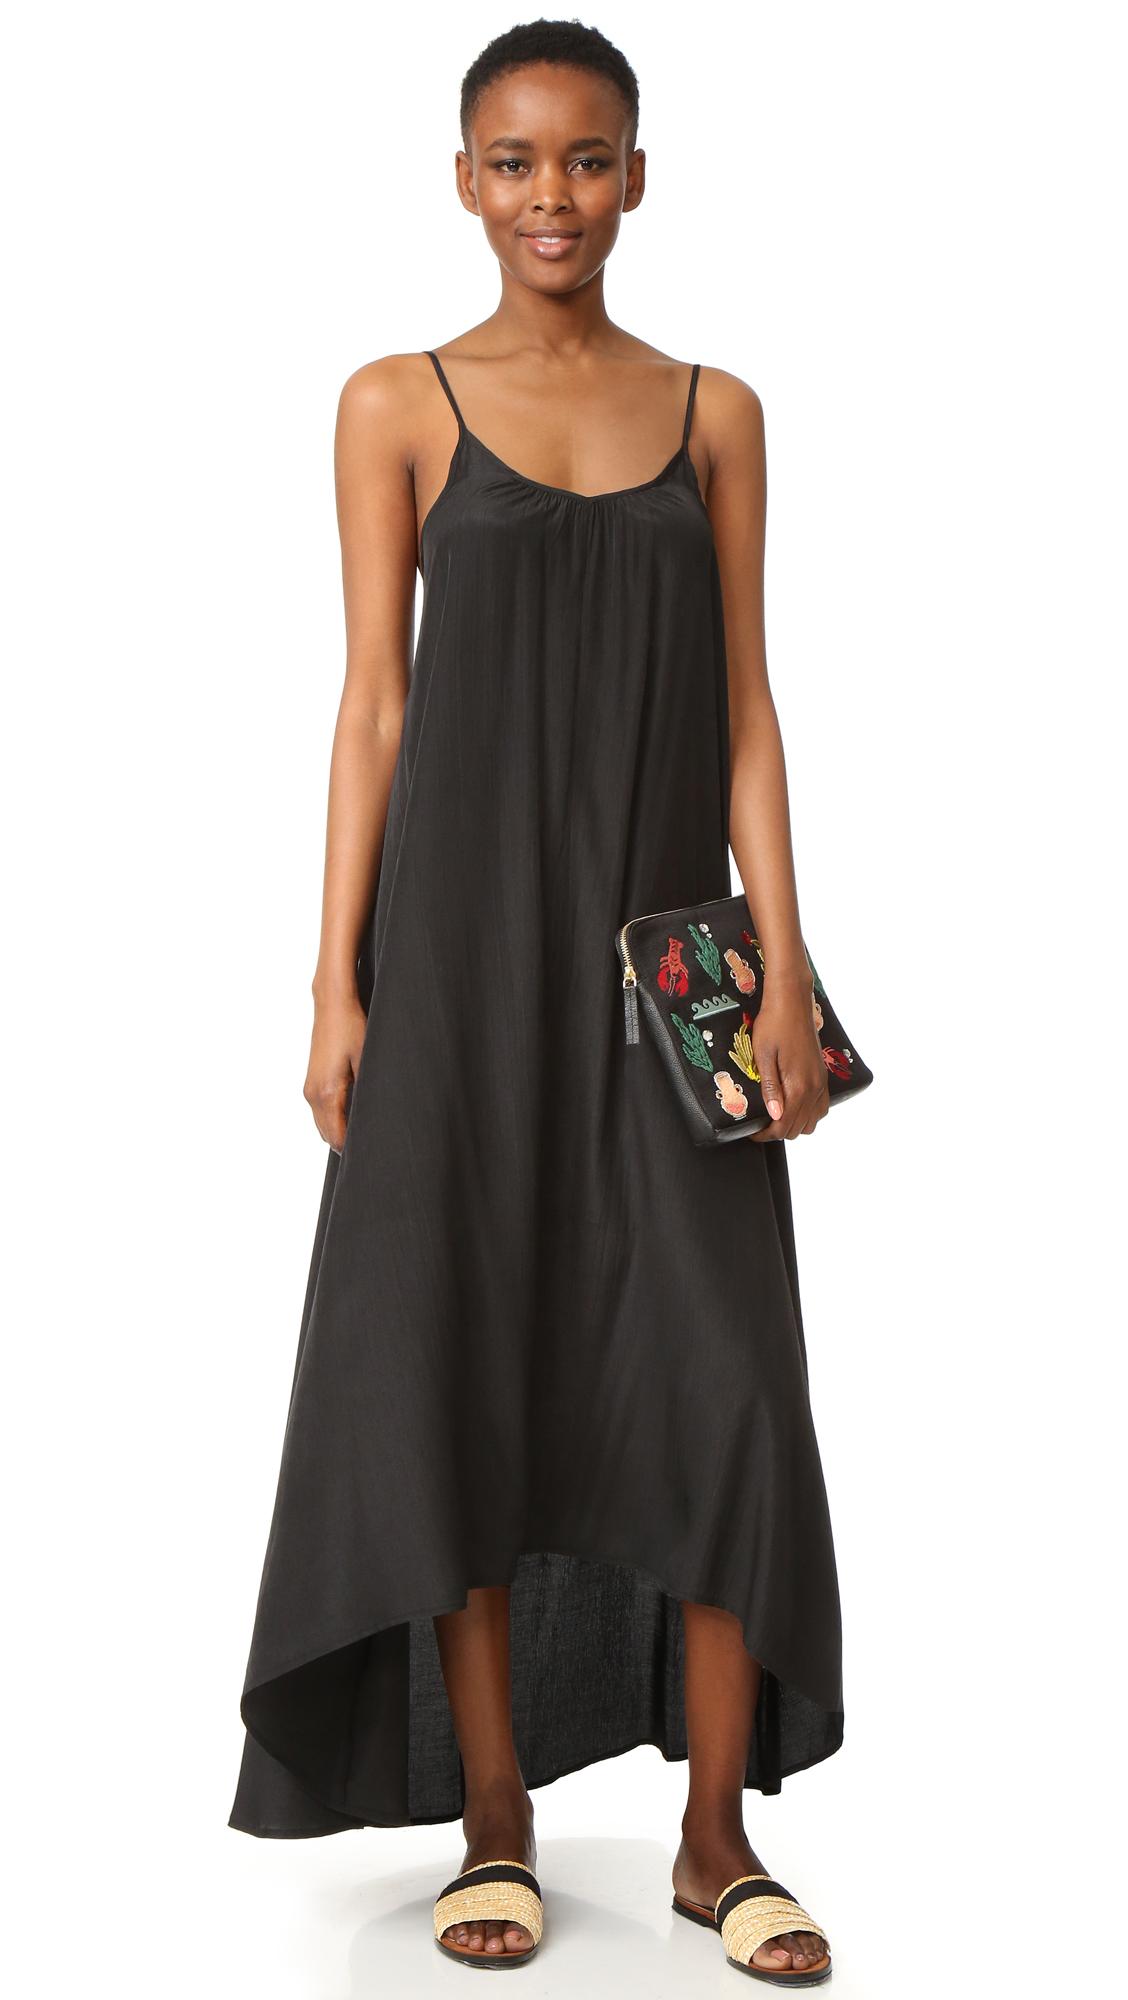 db0b5dec089 ONE by Pink Stitch Resort Maxi Dress